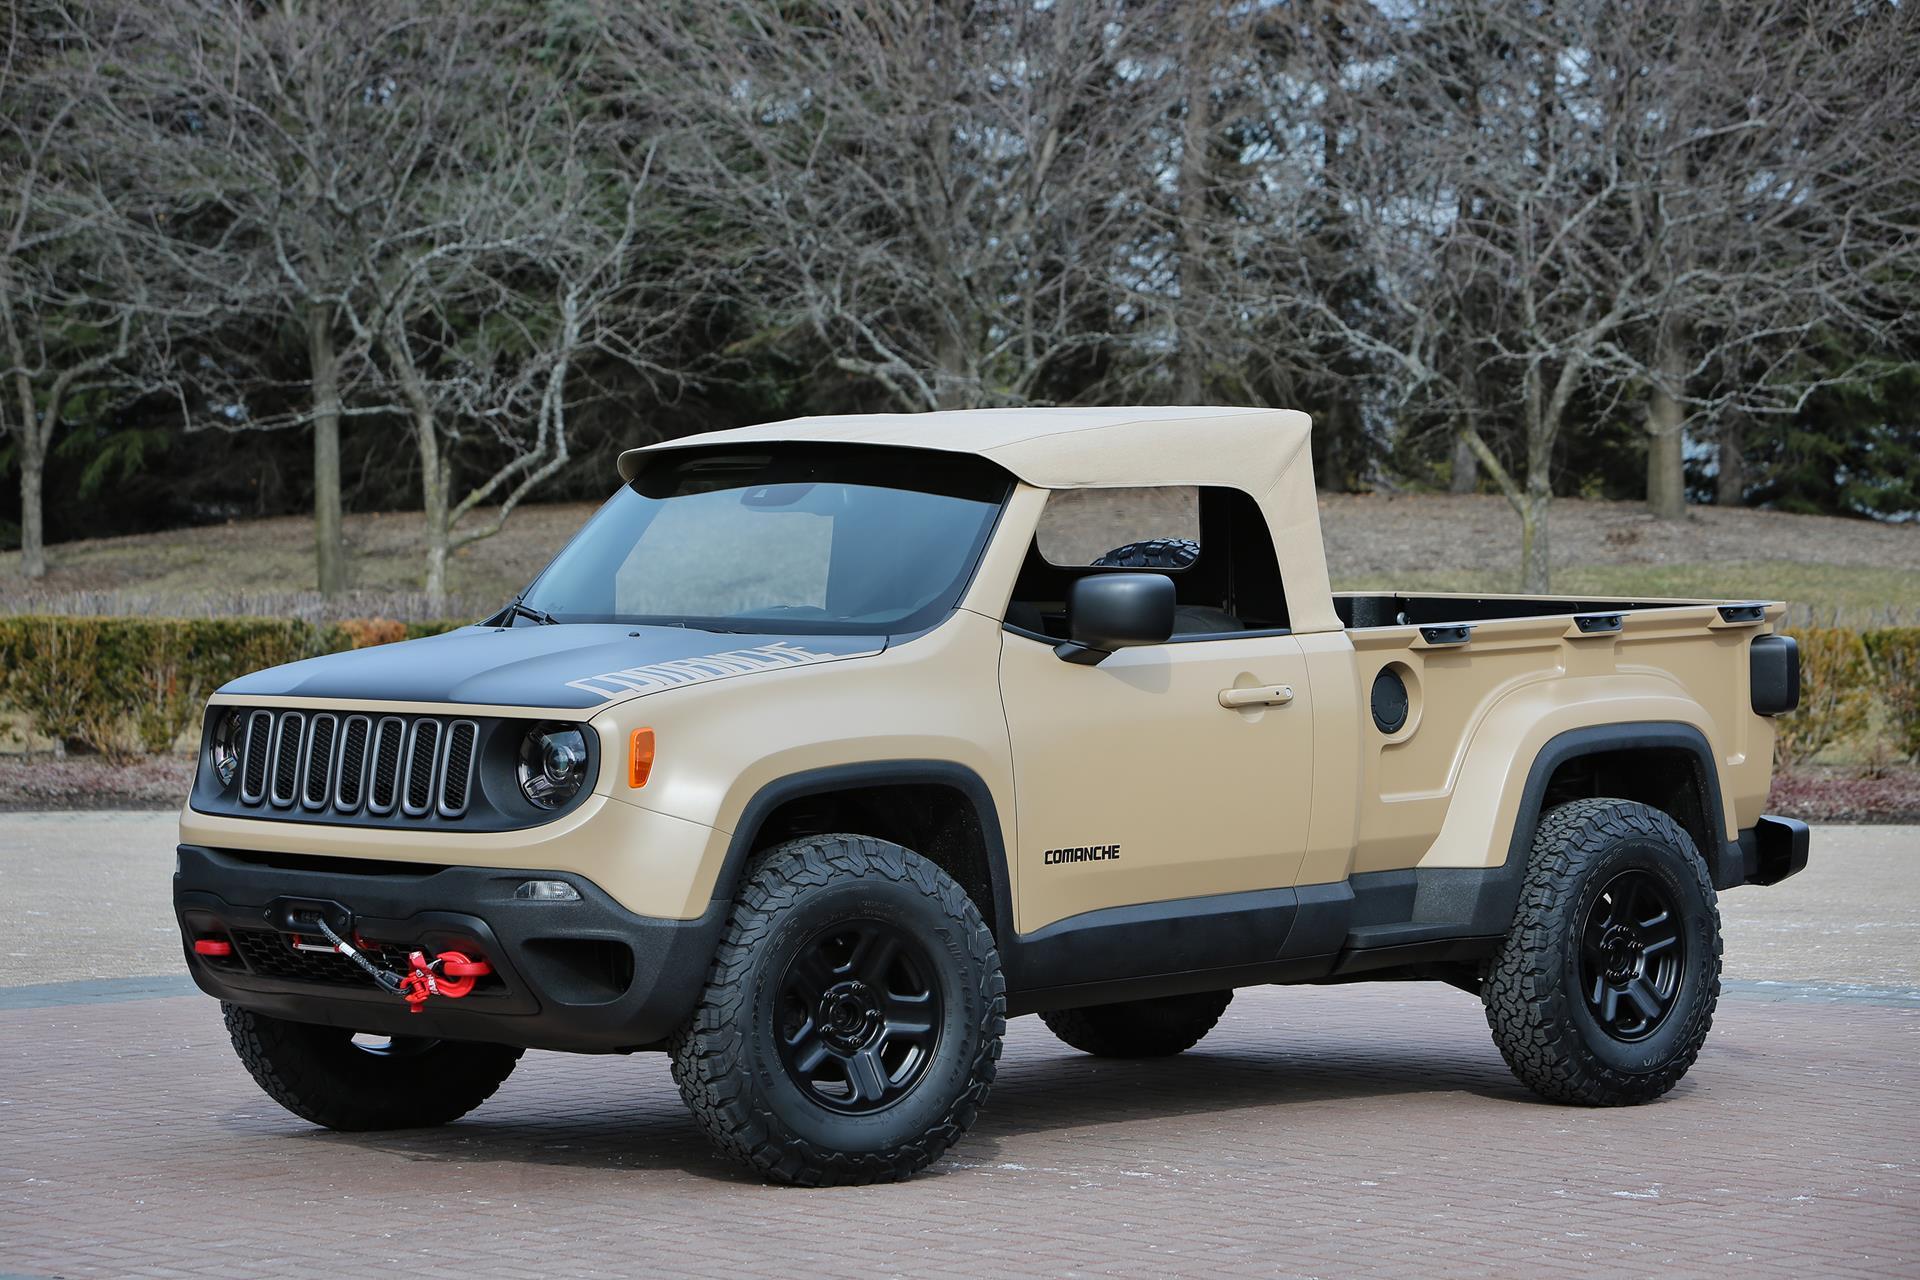 2016 Jeep Comanche Concept Conceptcarz Com